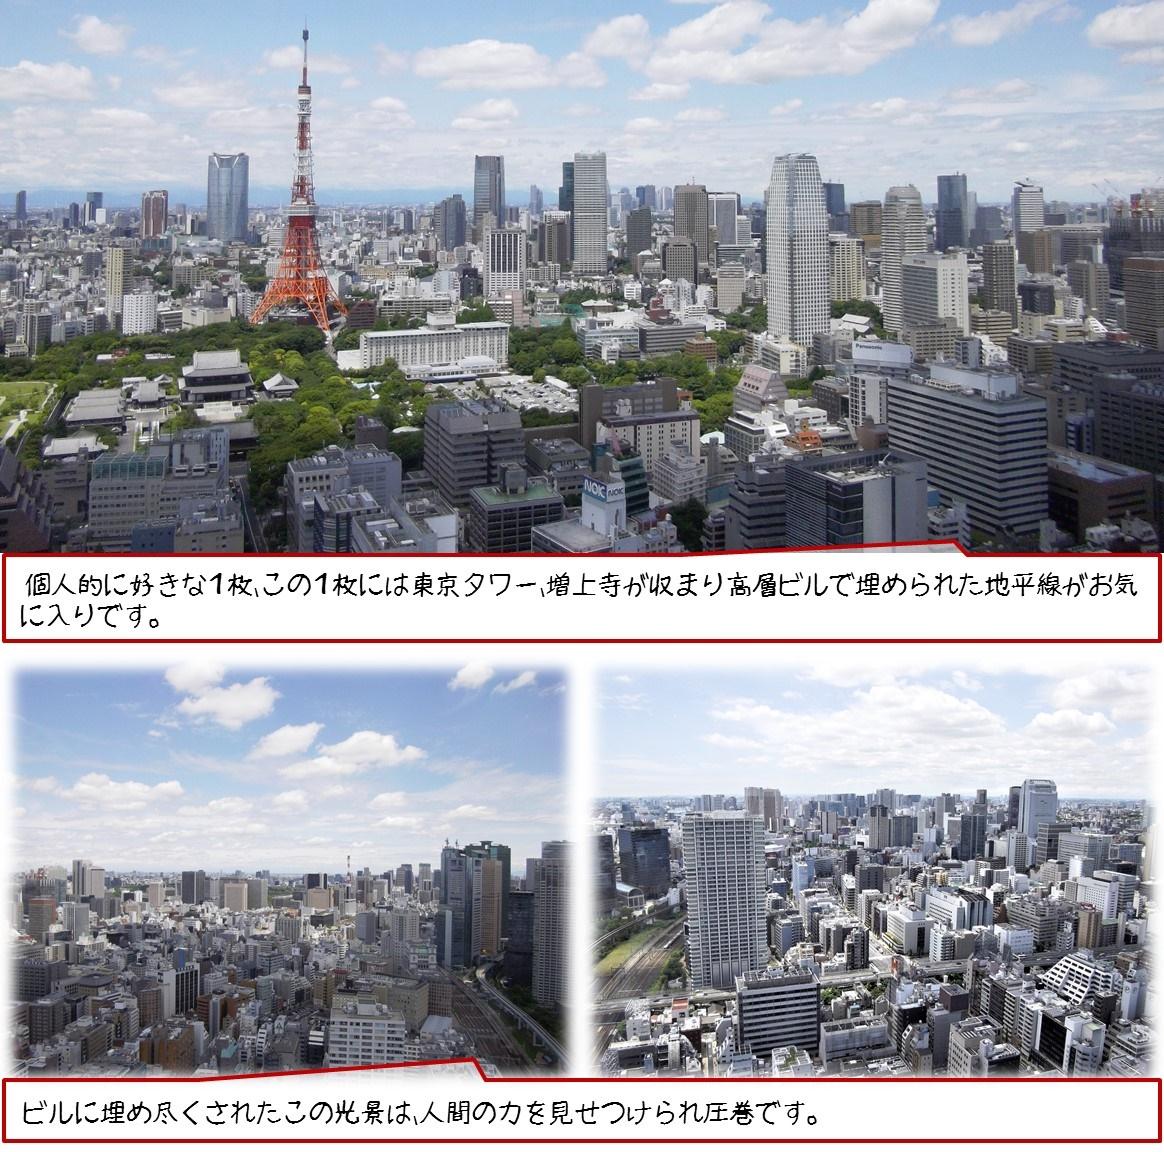 個人的に好きな1枚、この1枚には東京タワー、増上寺が収まり高層ビルで埋められた地平線がお気に入りです。 ビルに埋め尽くされたこの光景は、人間の力を見せつけられ圧巻です。